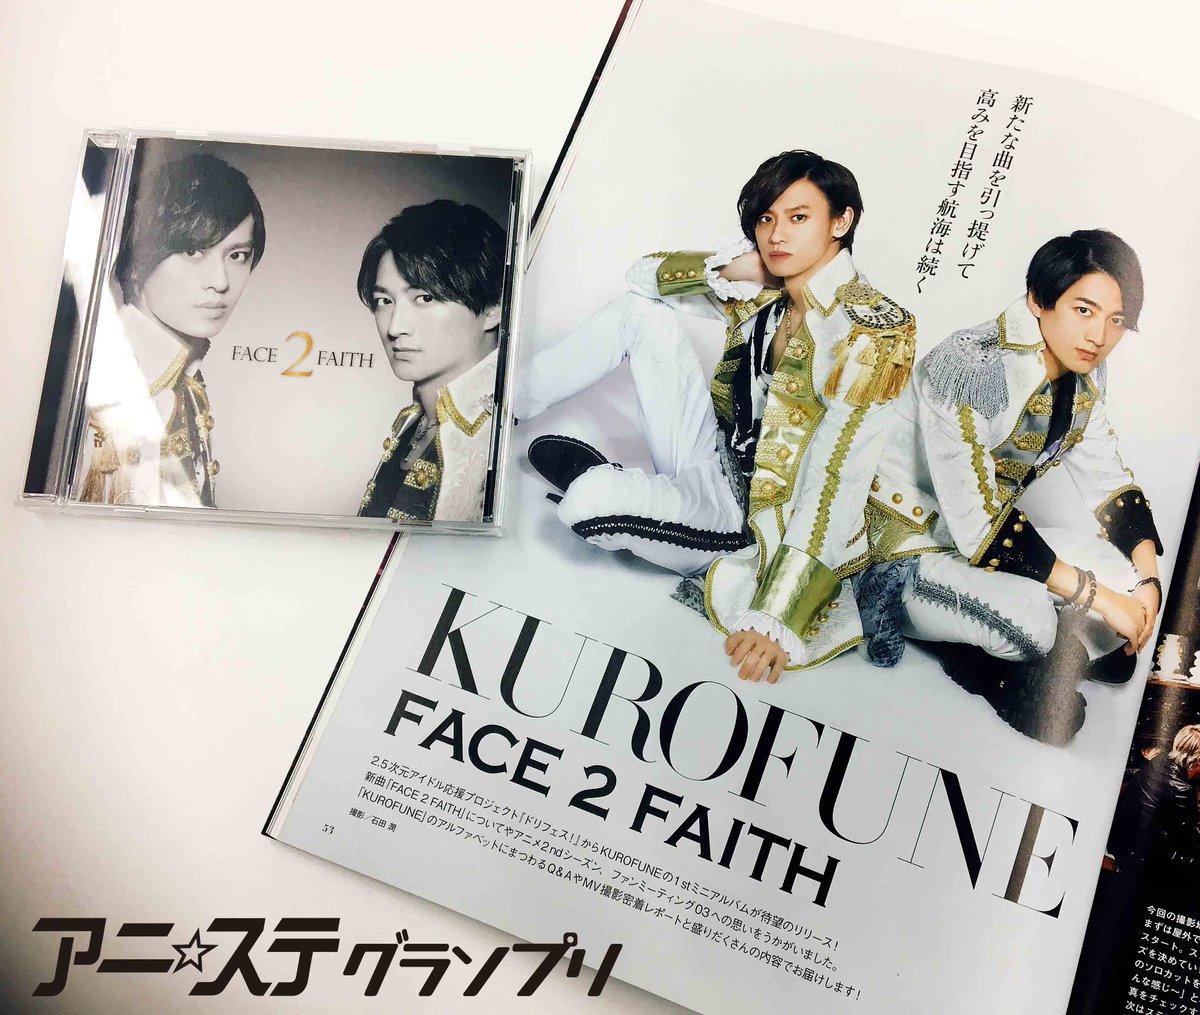 KUROFUNEの1stミニアルバム「FACE 2 FAITH」が本日発売! 7月28日(金)発売の『アニステグランプリ